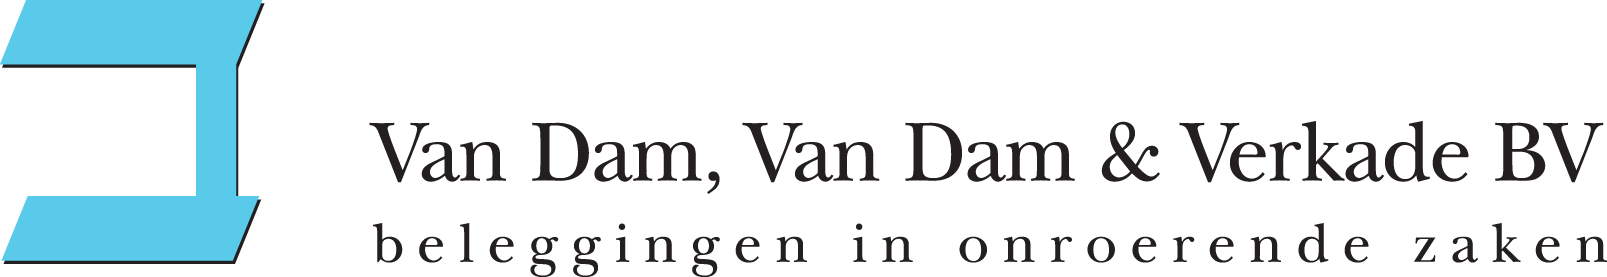 Van Dam Van Dam Verkade